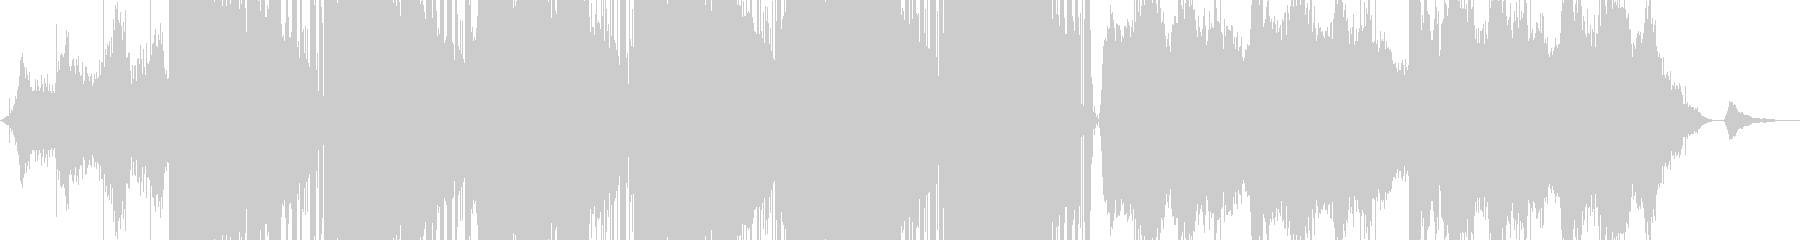 電気楽器。スペーシーな催眠グルーヴ...の未再生の波形